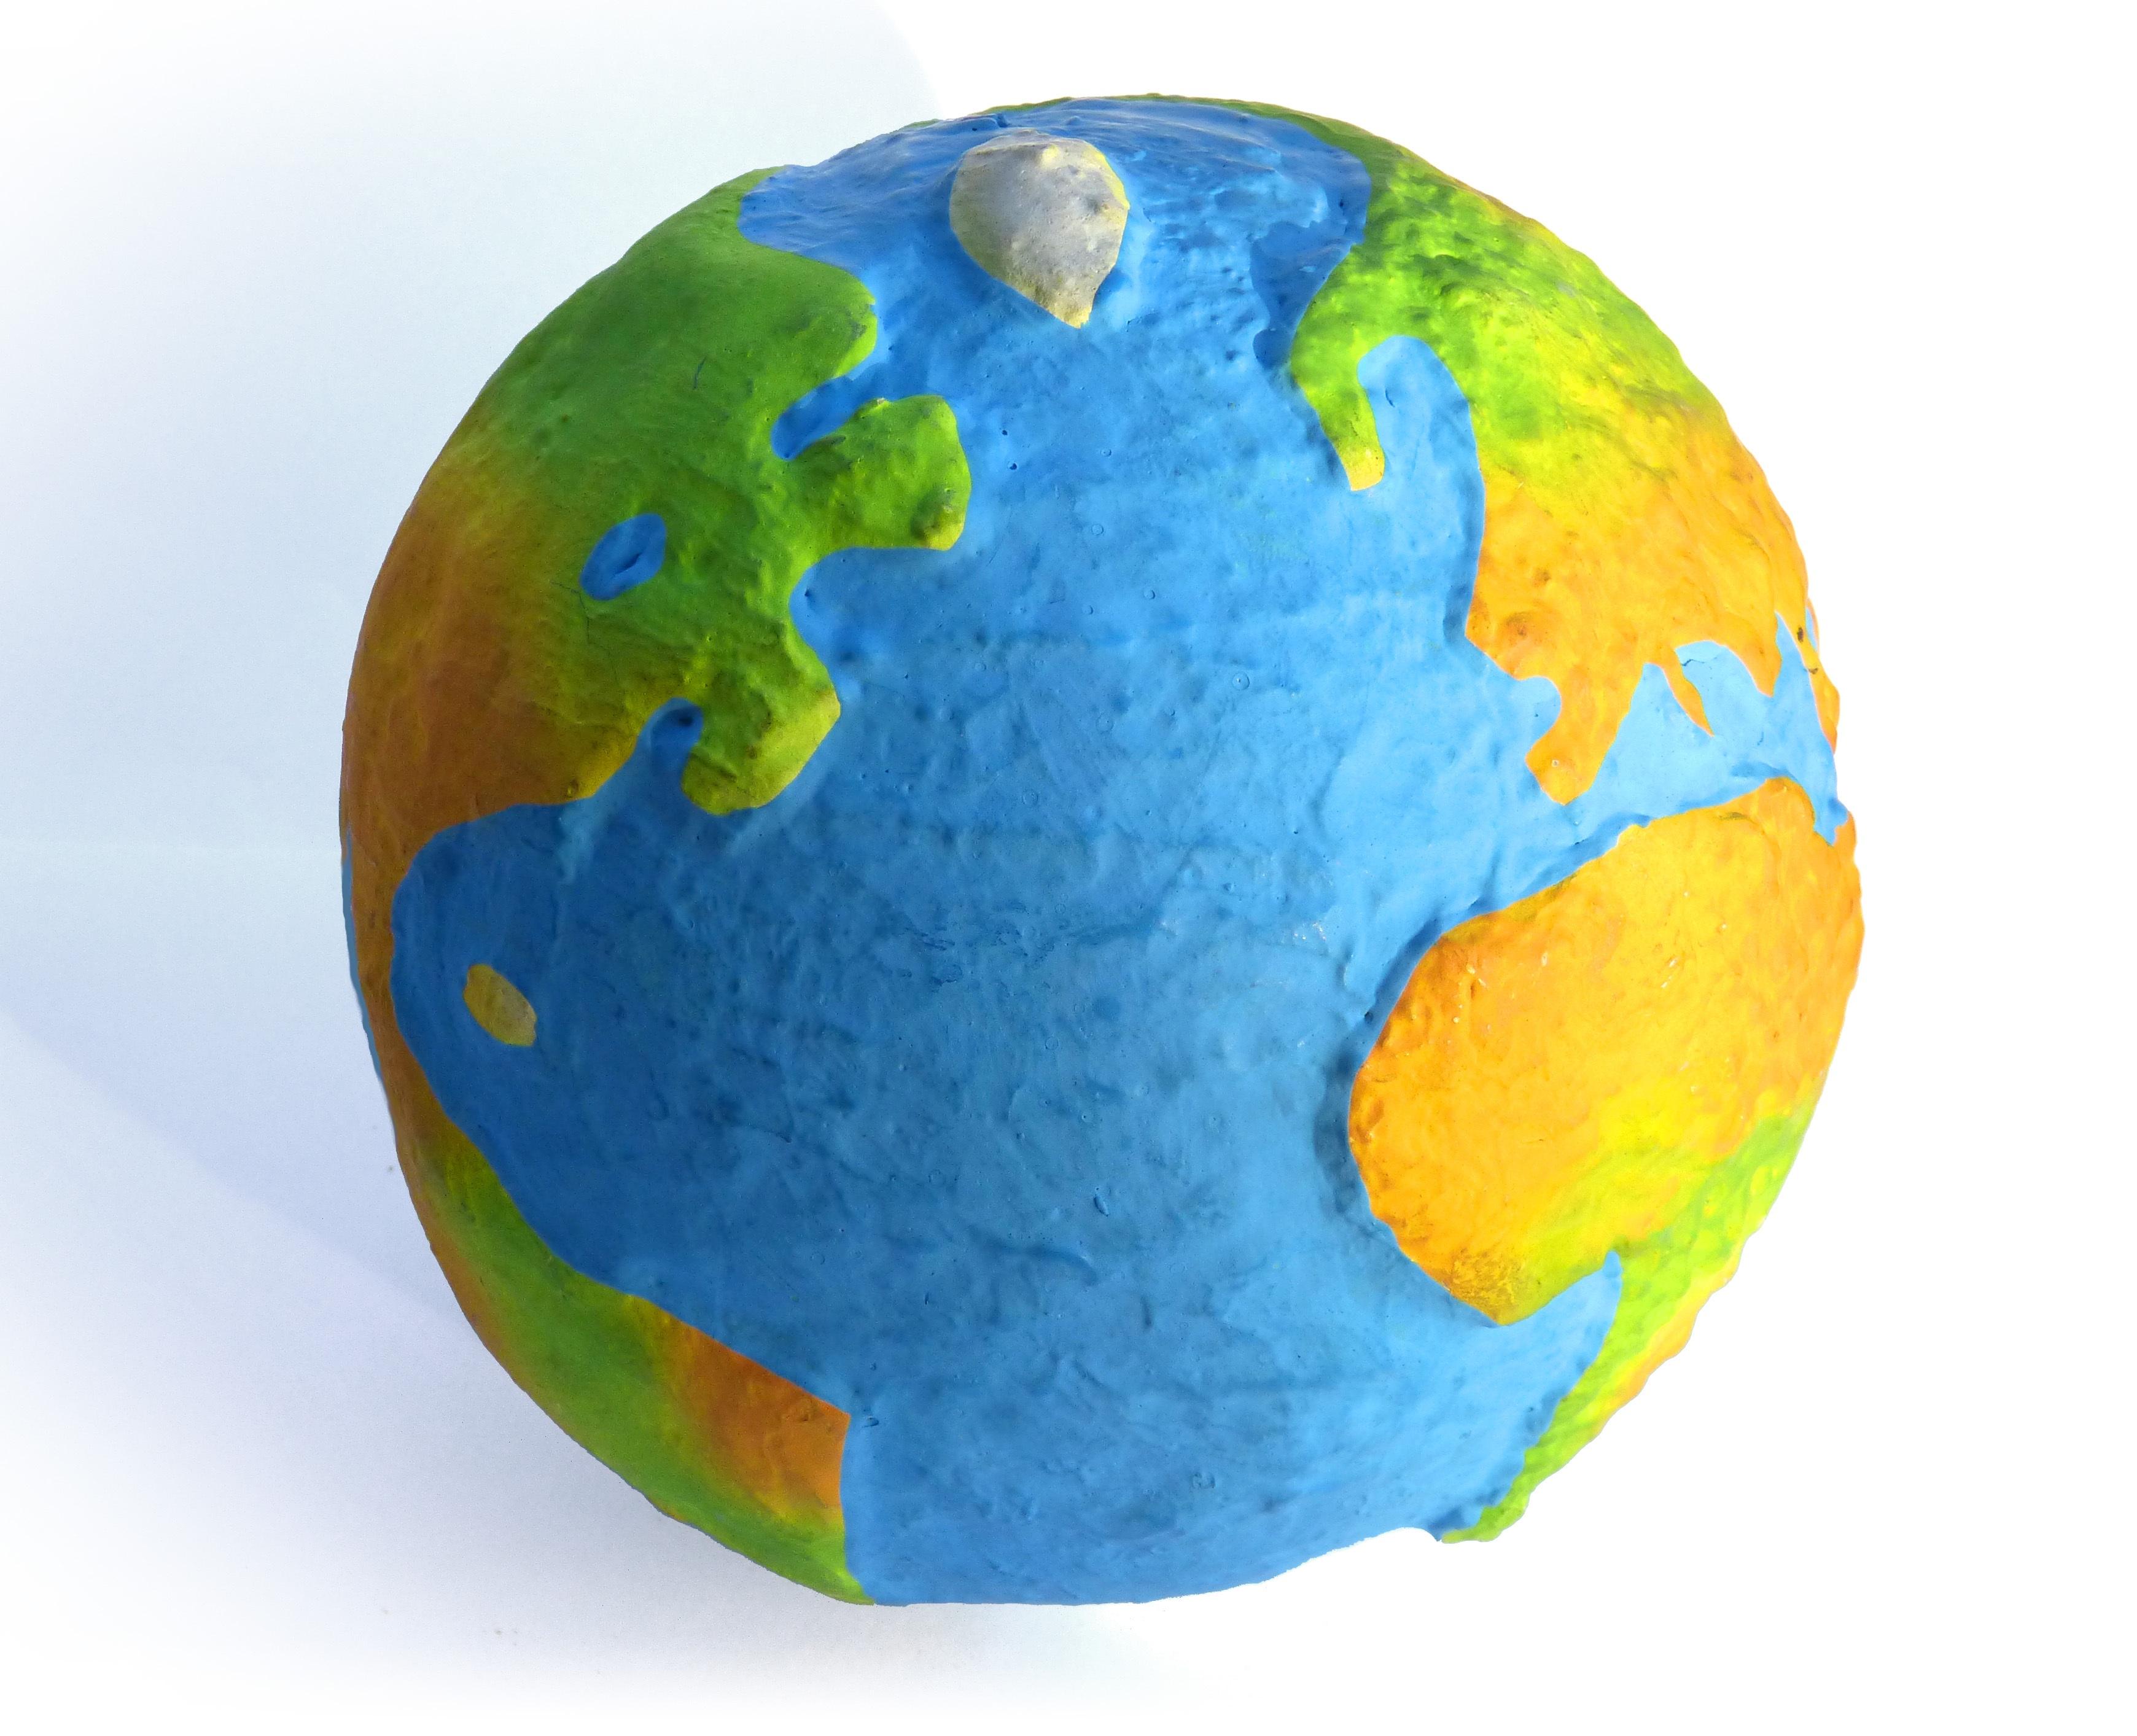 уже открыл глобус из пластилина своими руками фото размер достаточен